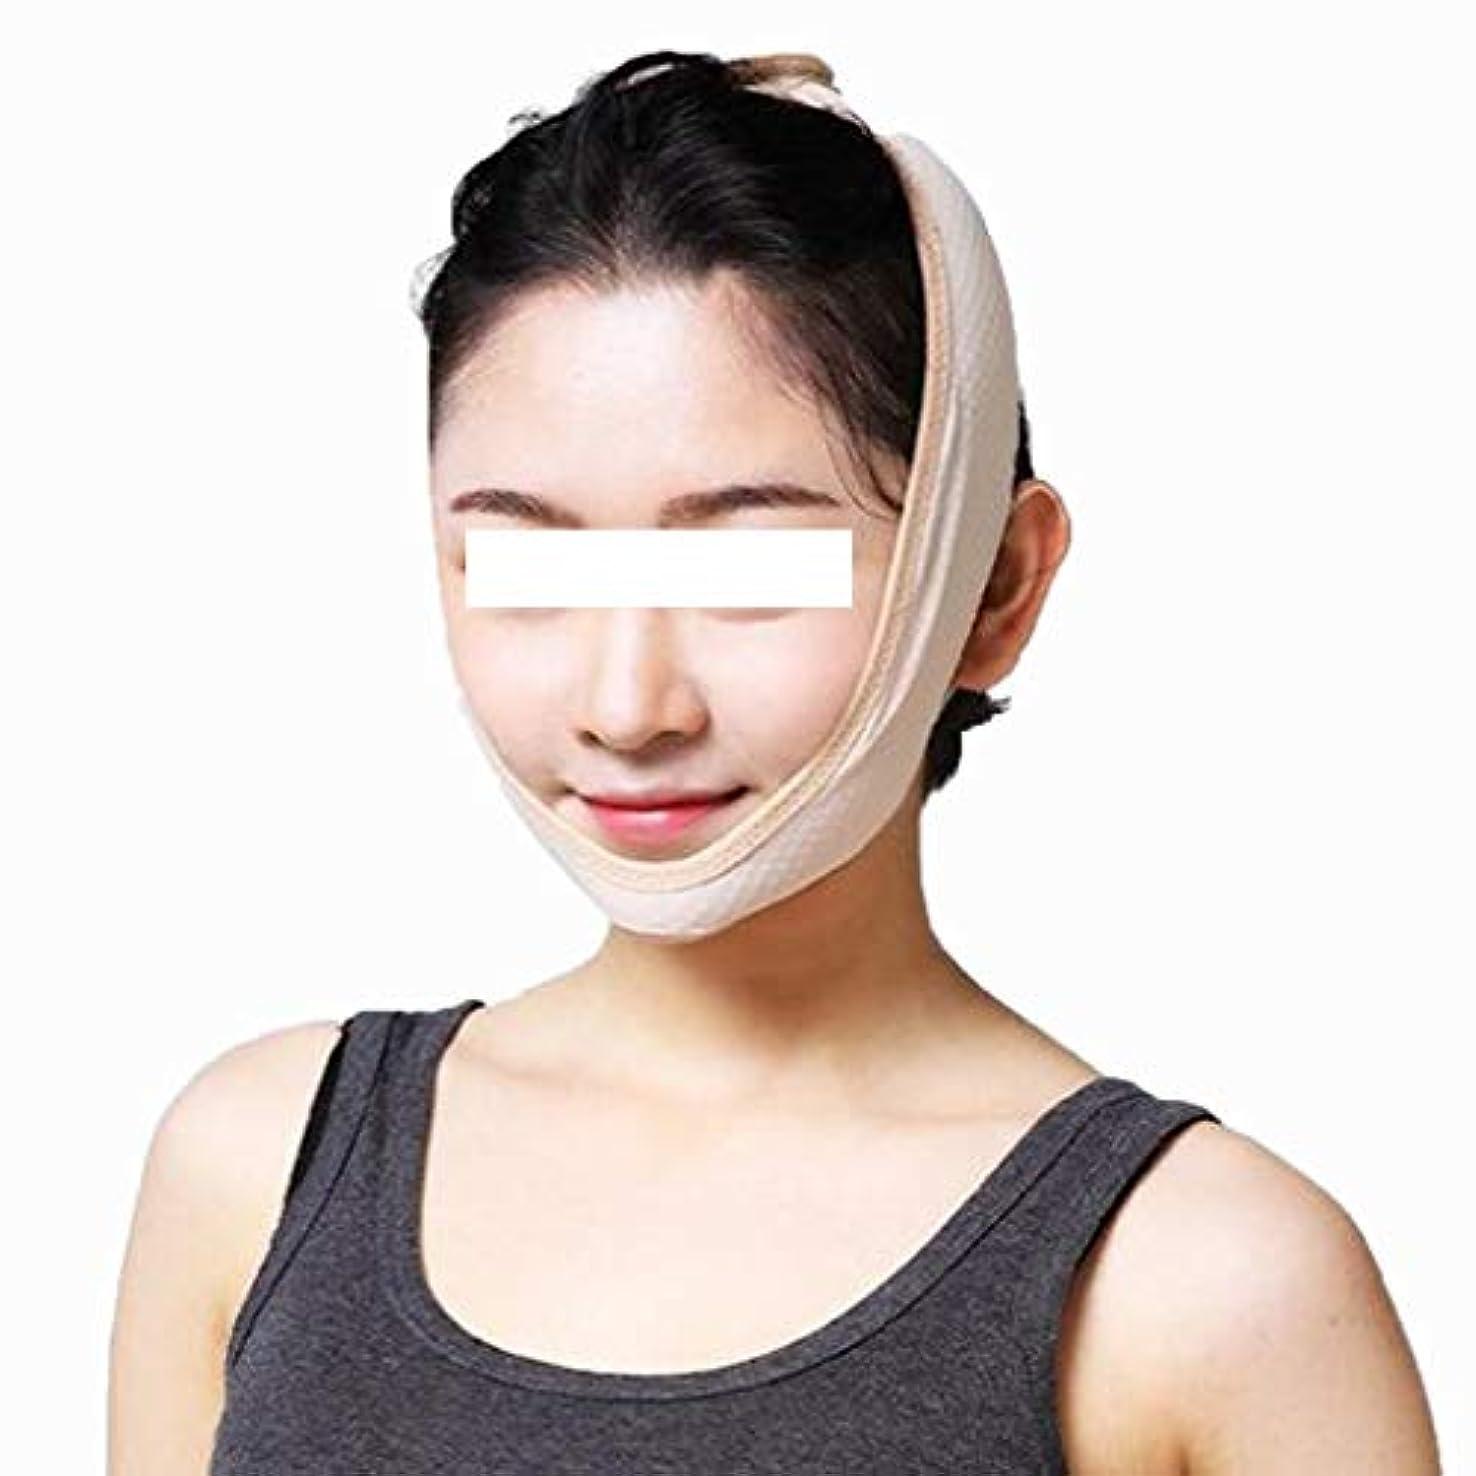 トレーダー道徳教育変換する顔のマスクのあごの首のベルトシートの反老化の表面は持ち上げます